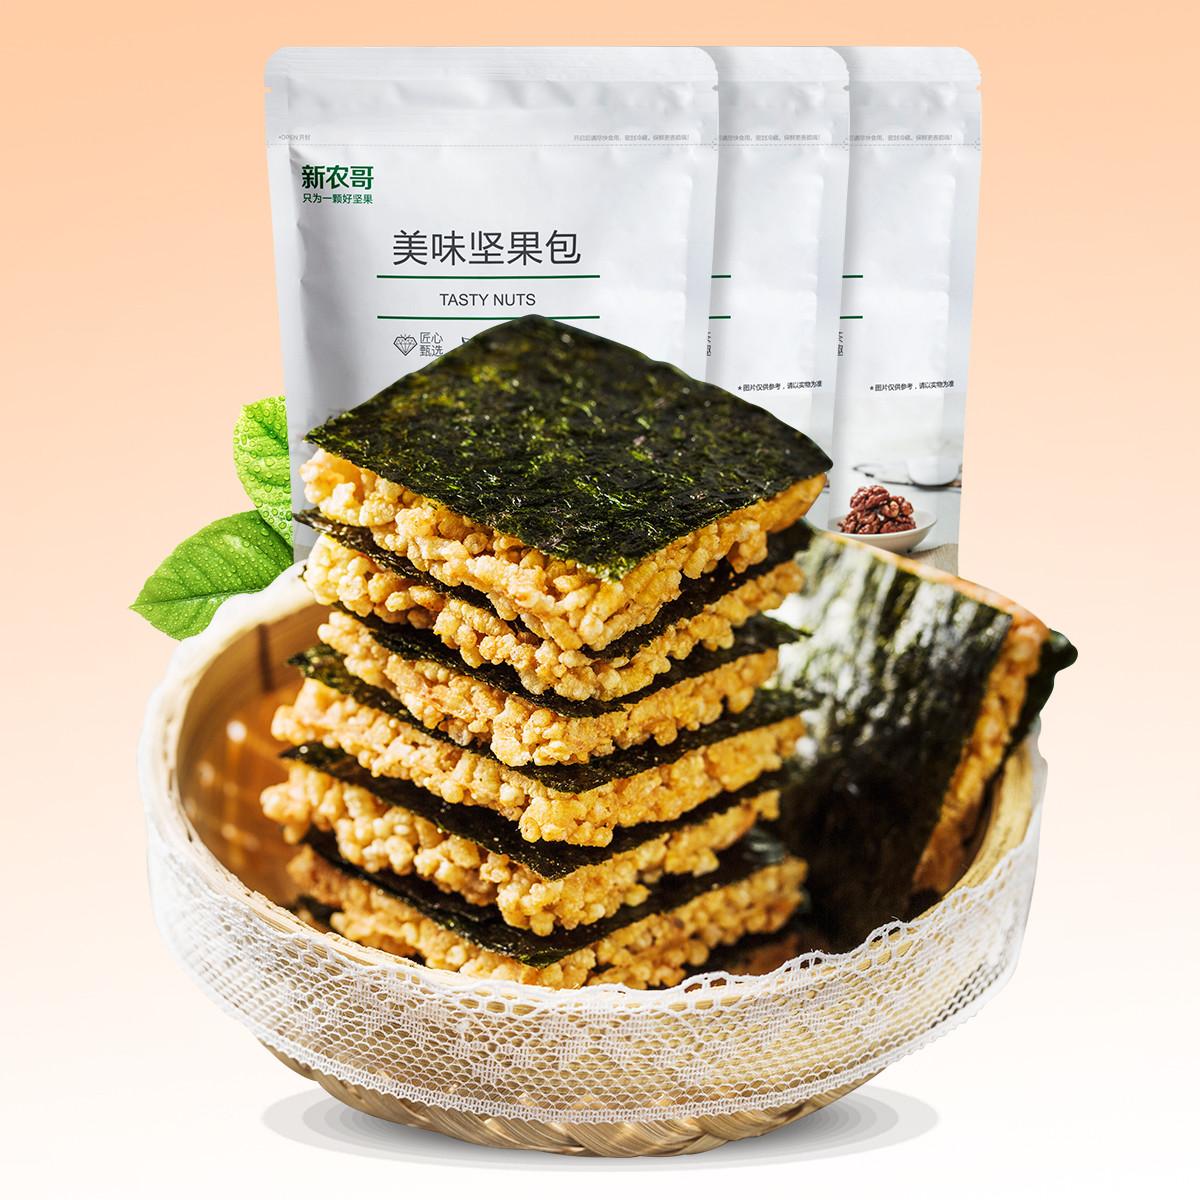 新农哥海苔锅巴寿司70gx3坚果仁烤紫菜夹心脆片VIPZF19022701